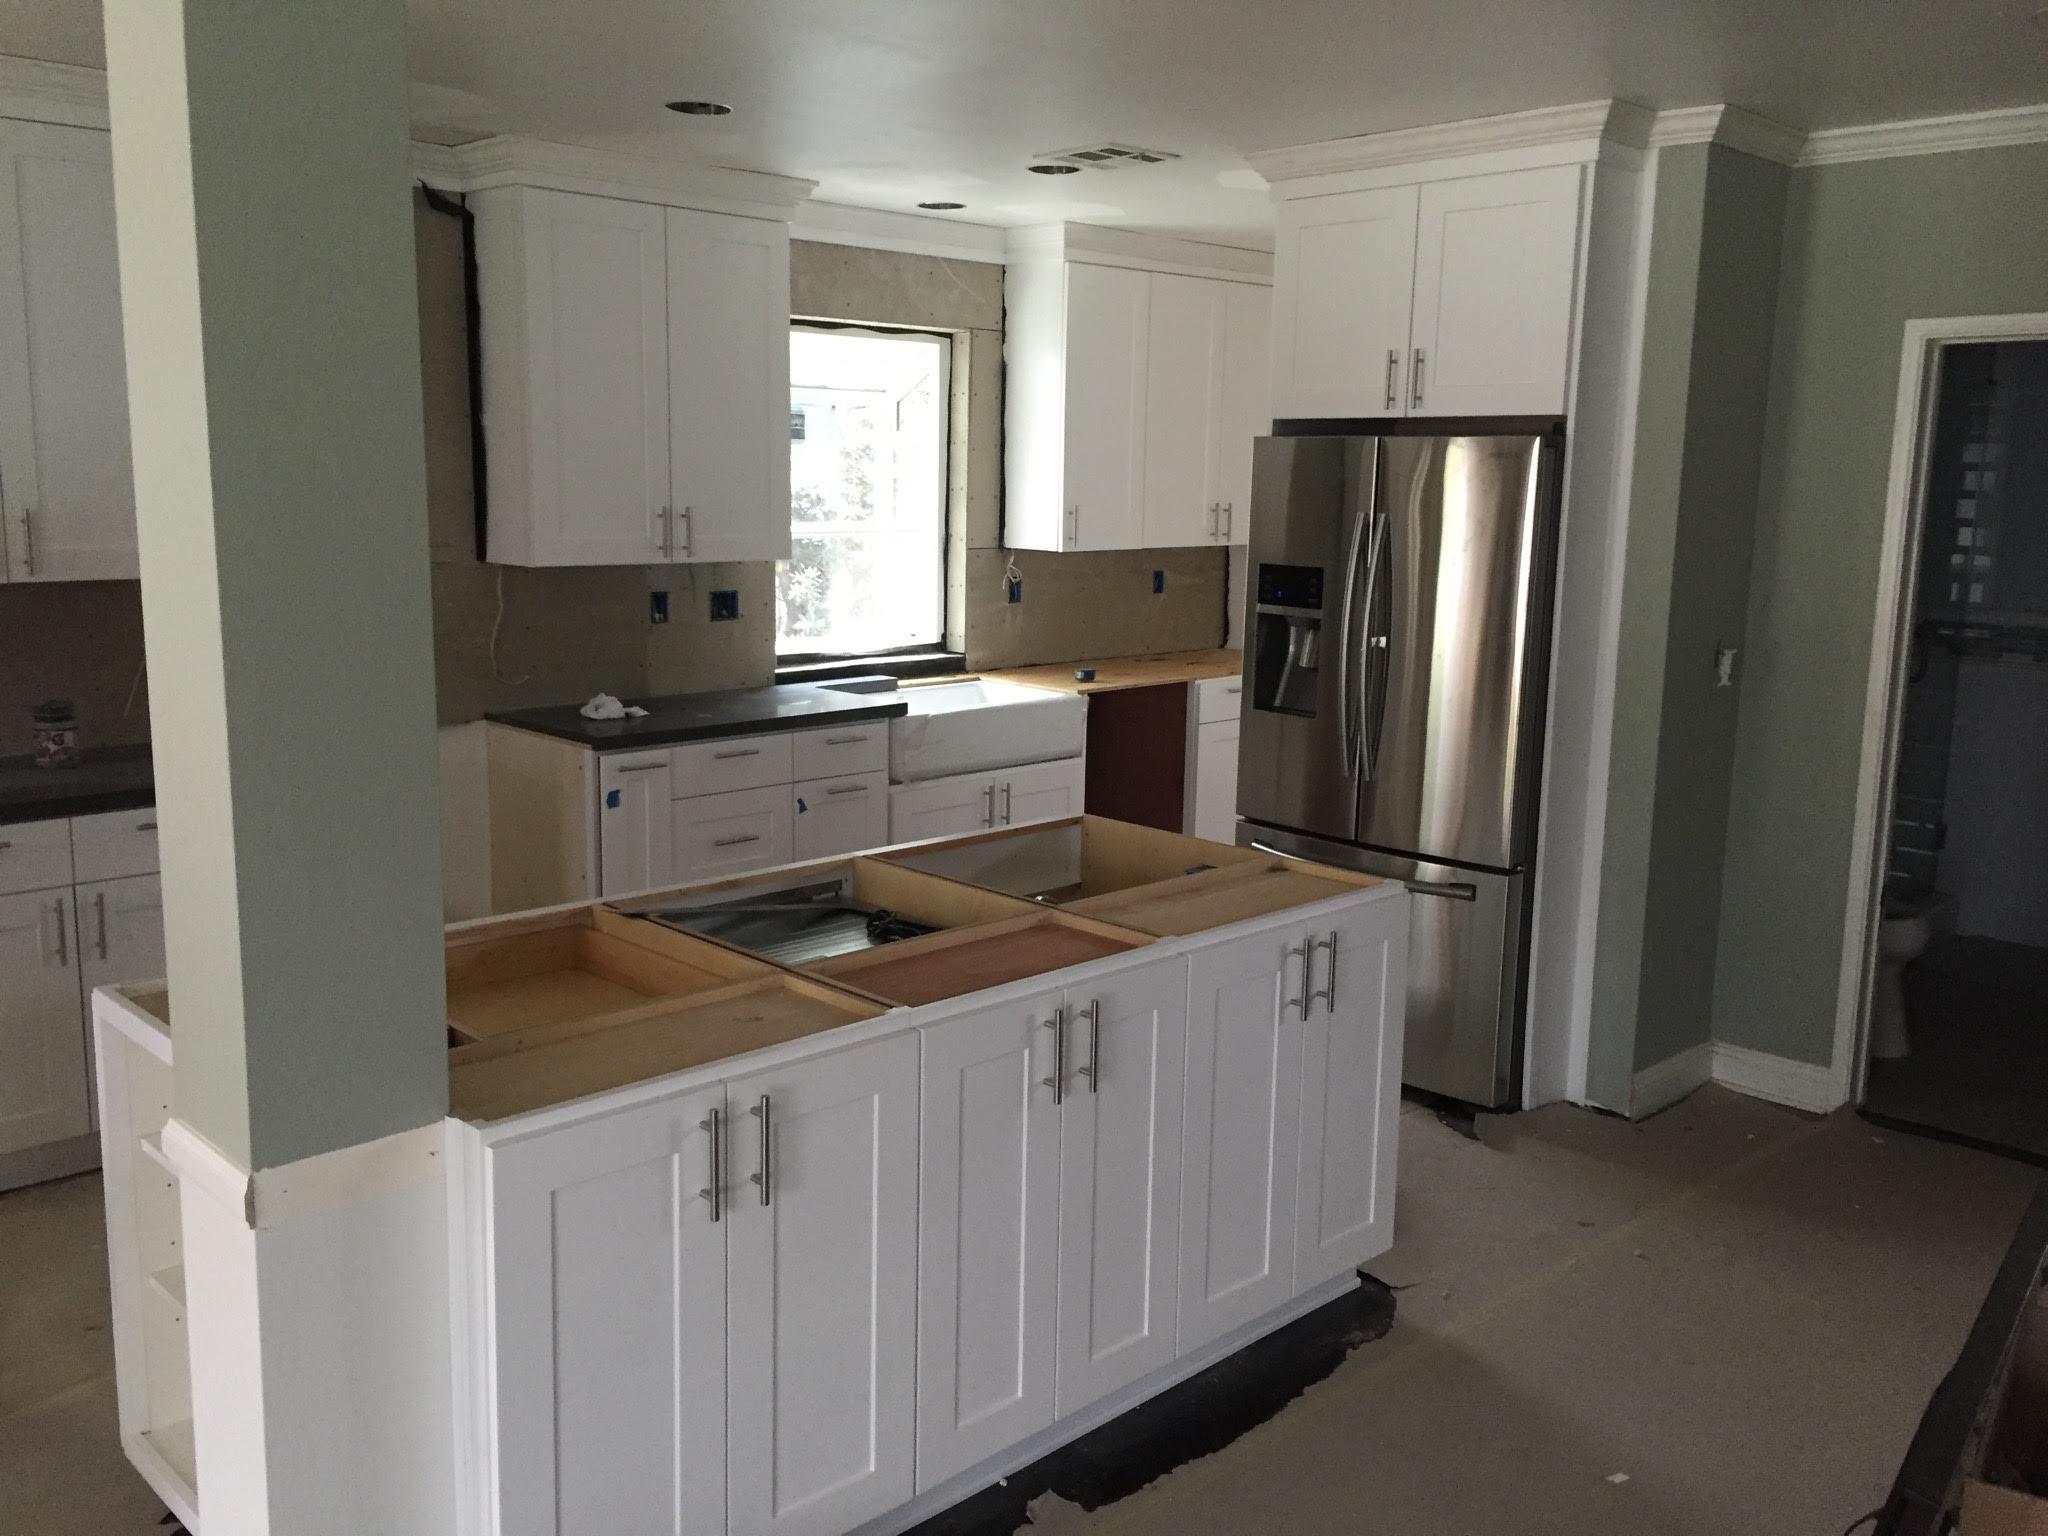 Pasadena Kitchen Remodel & Cabinet Install | Eden Builders